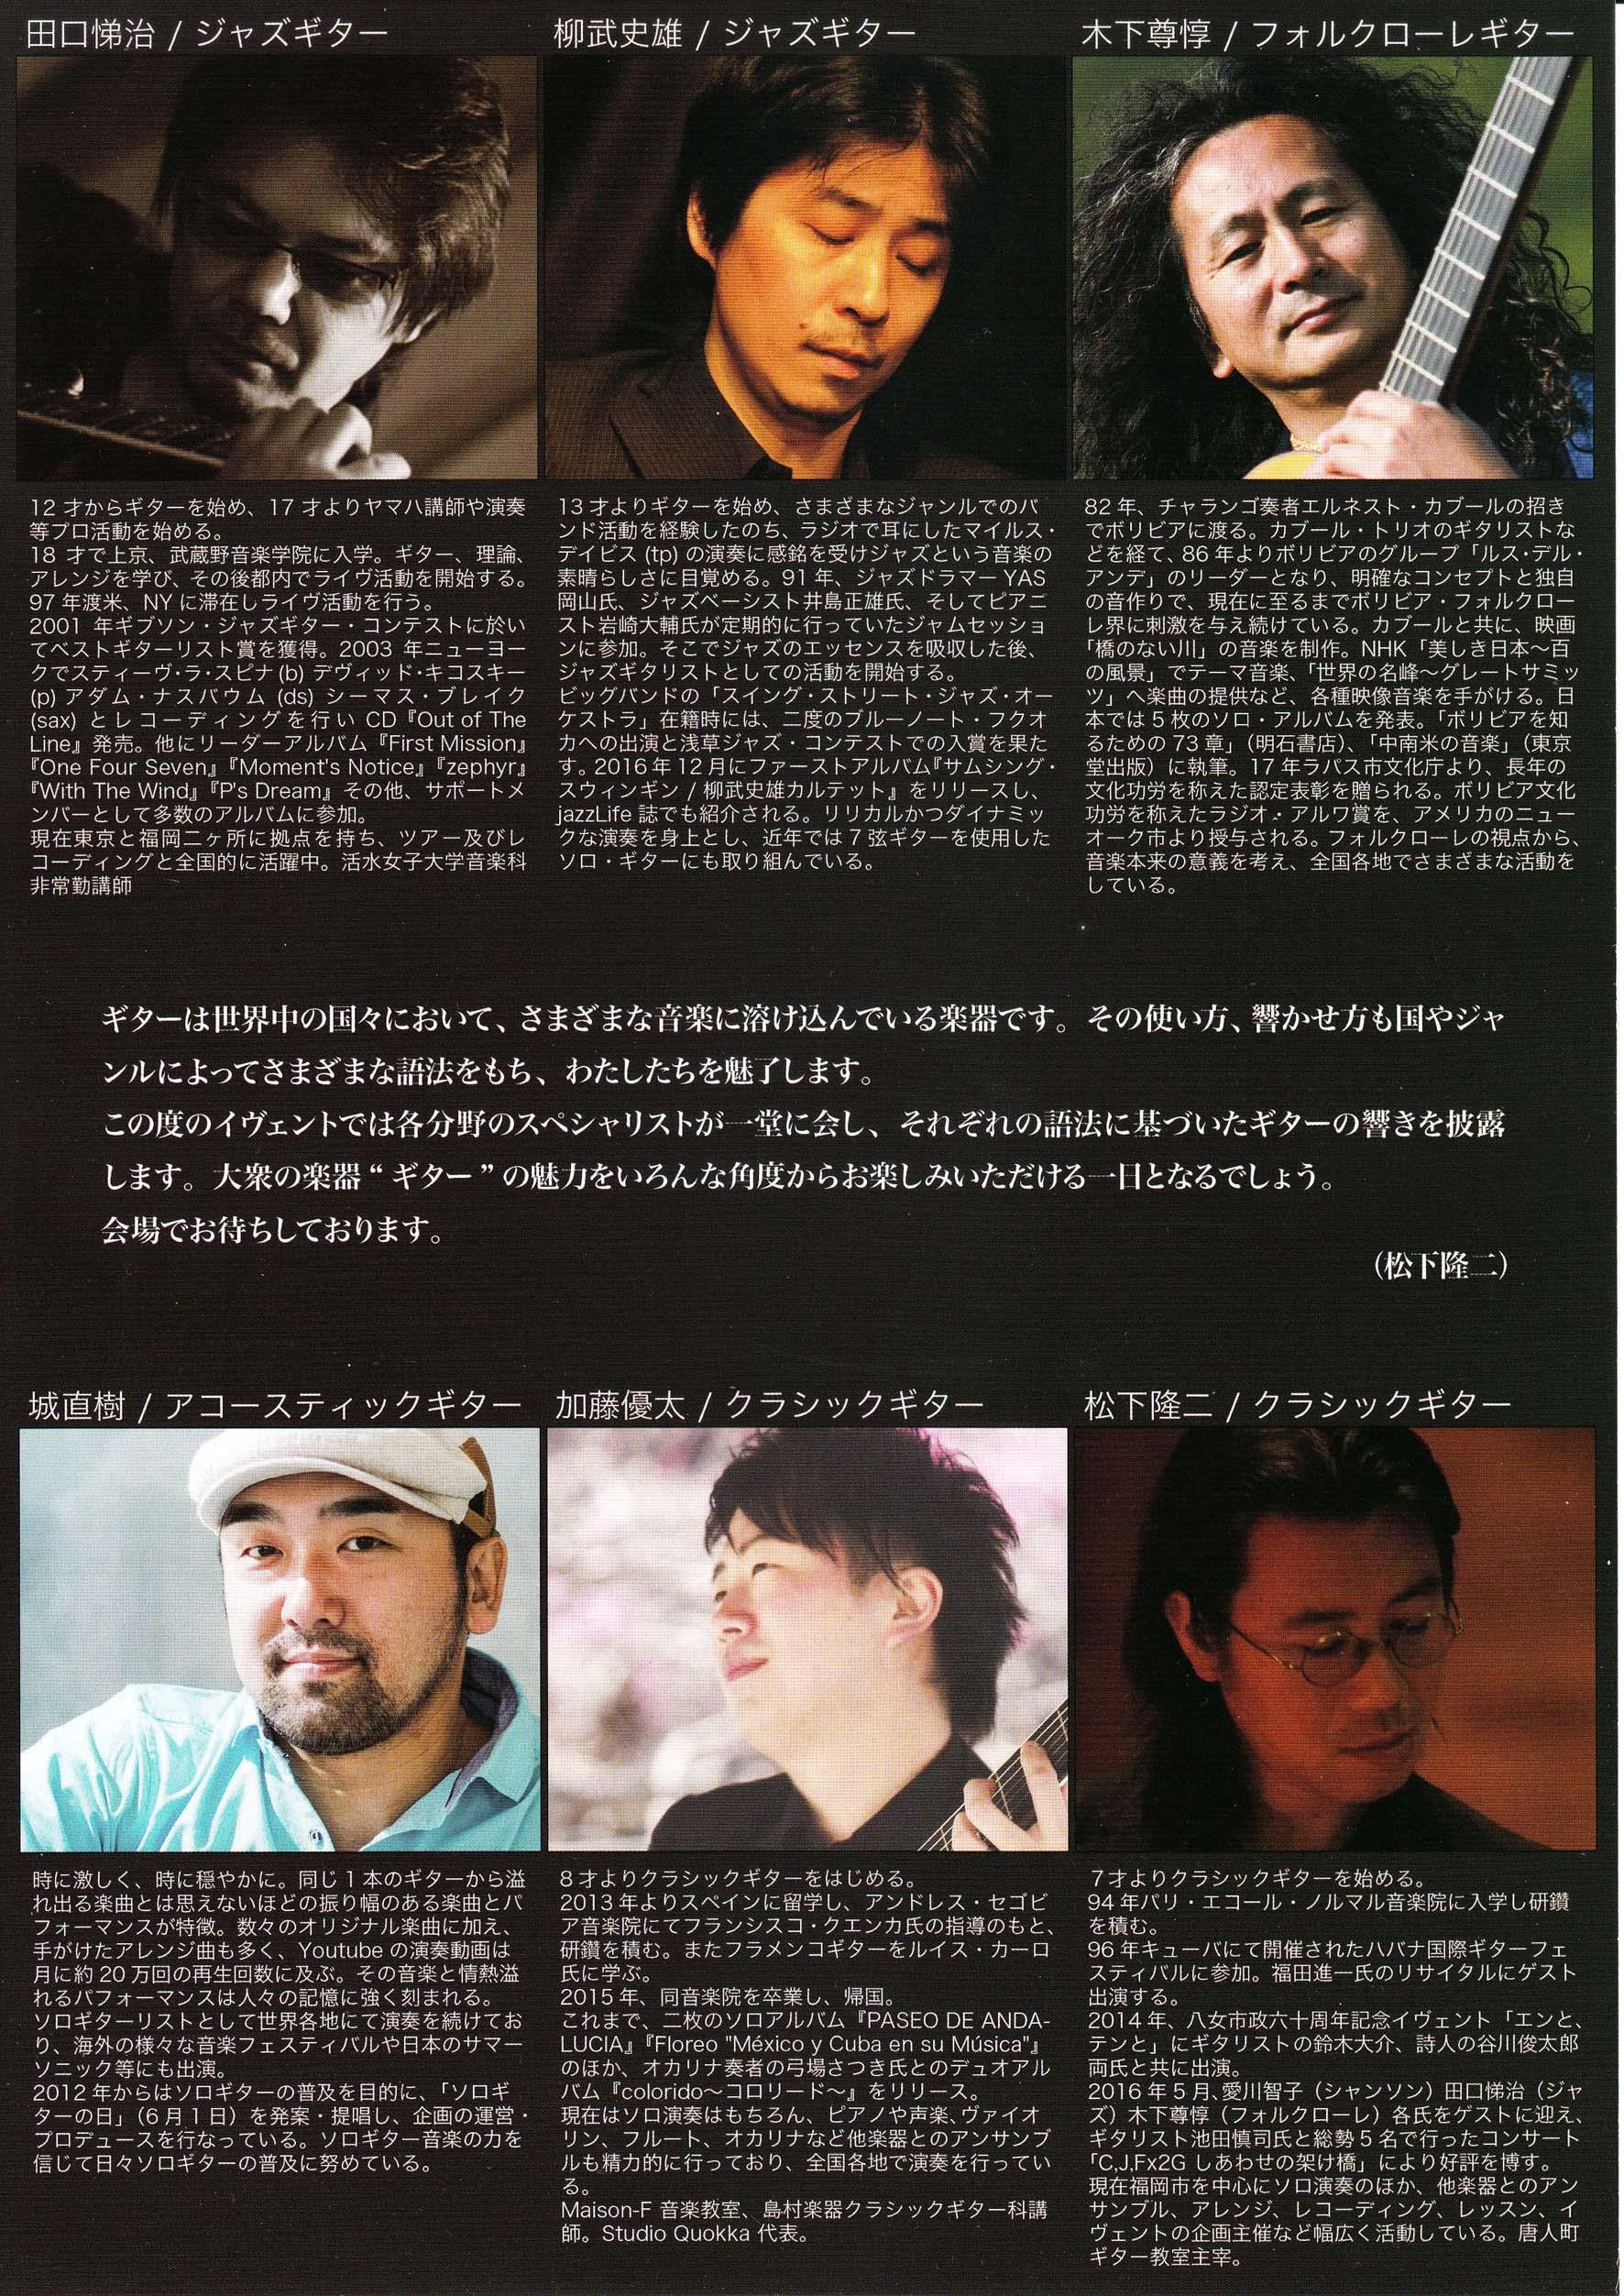 9月28日(土)福岡甘棠館Show劇場2